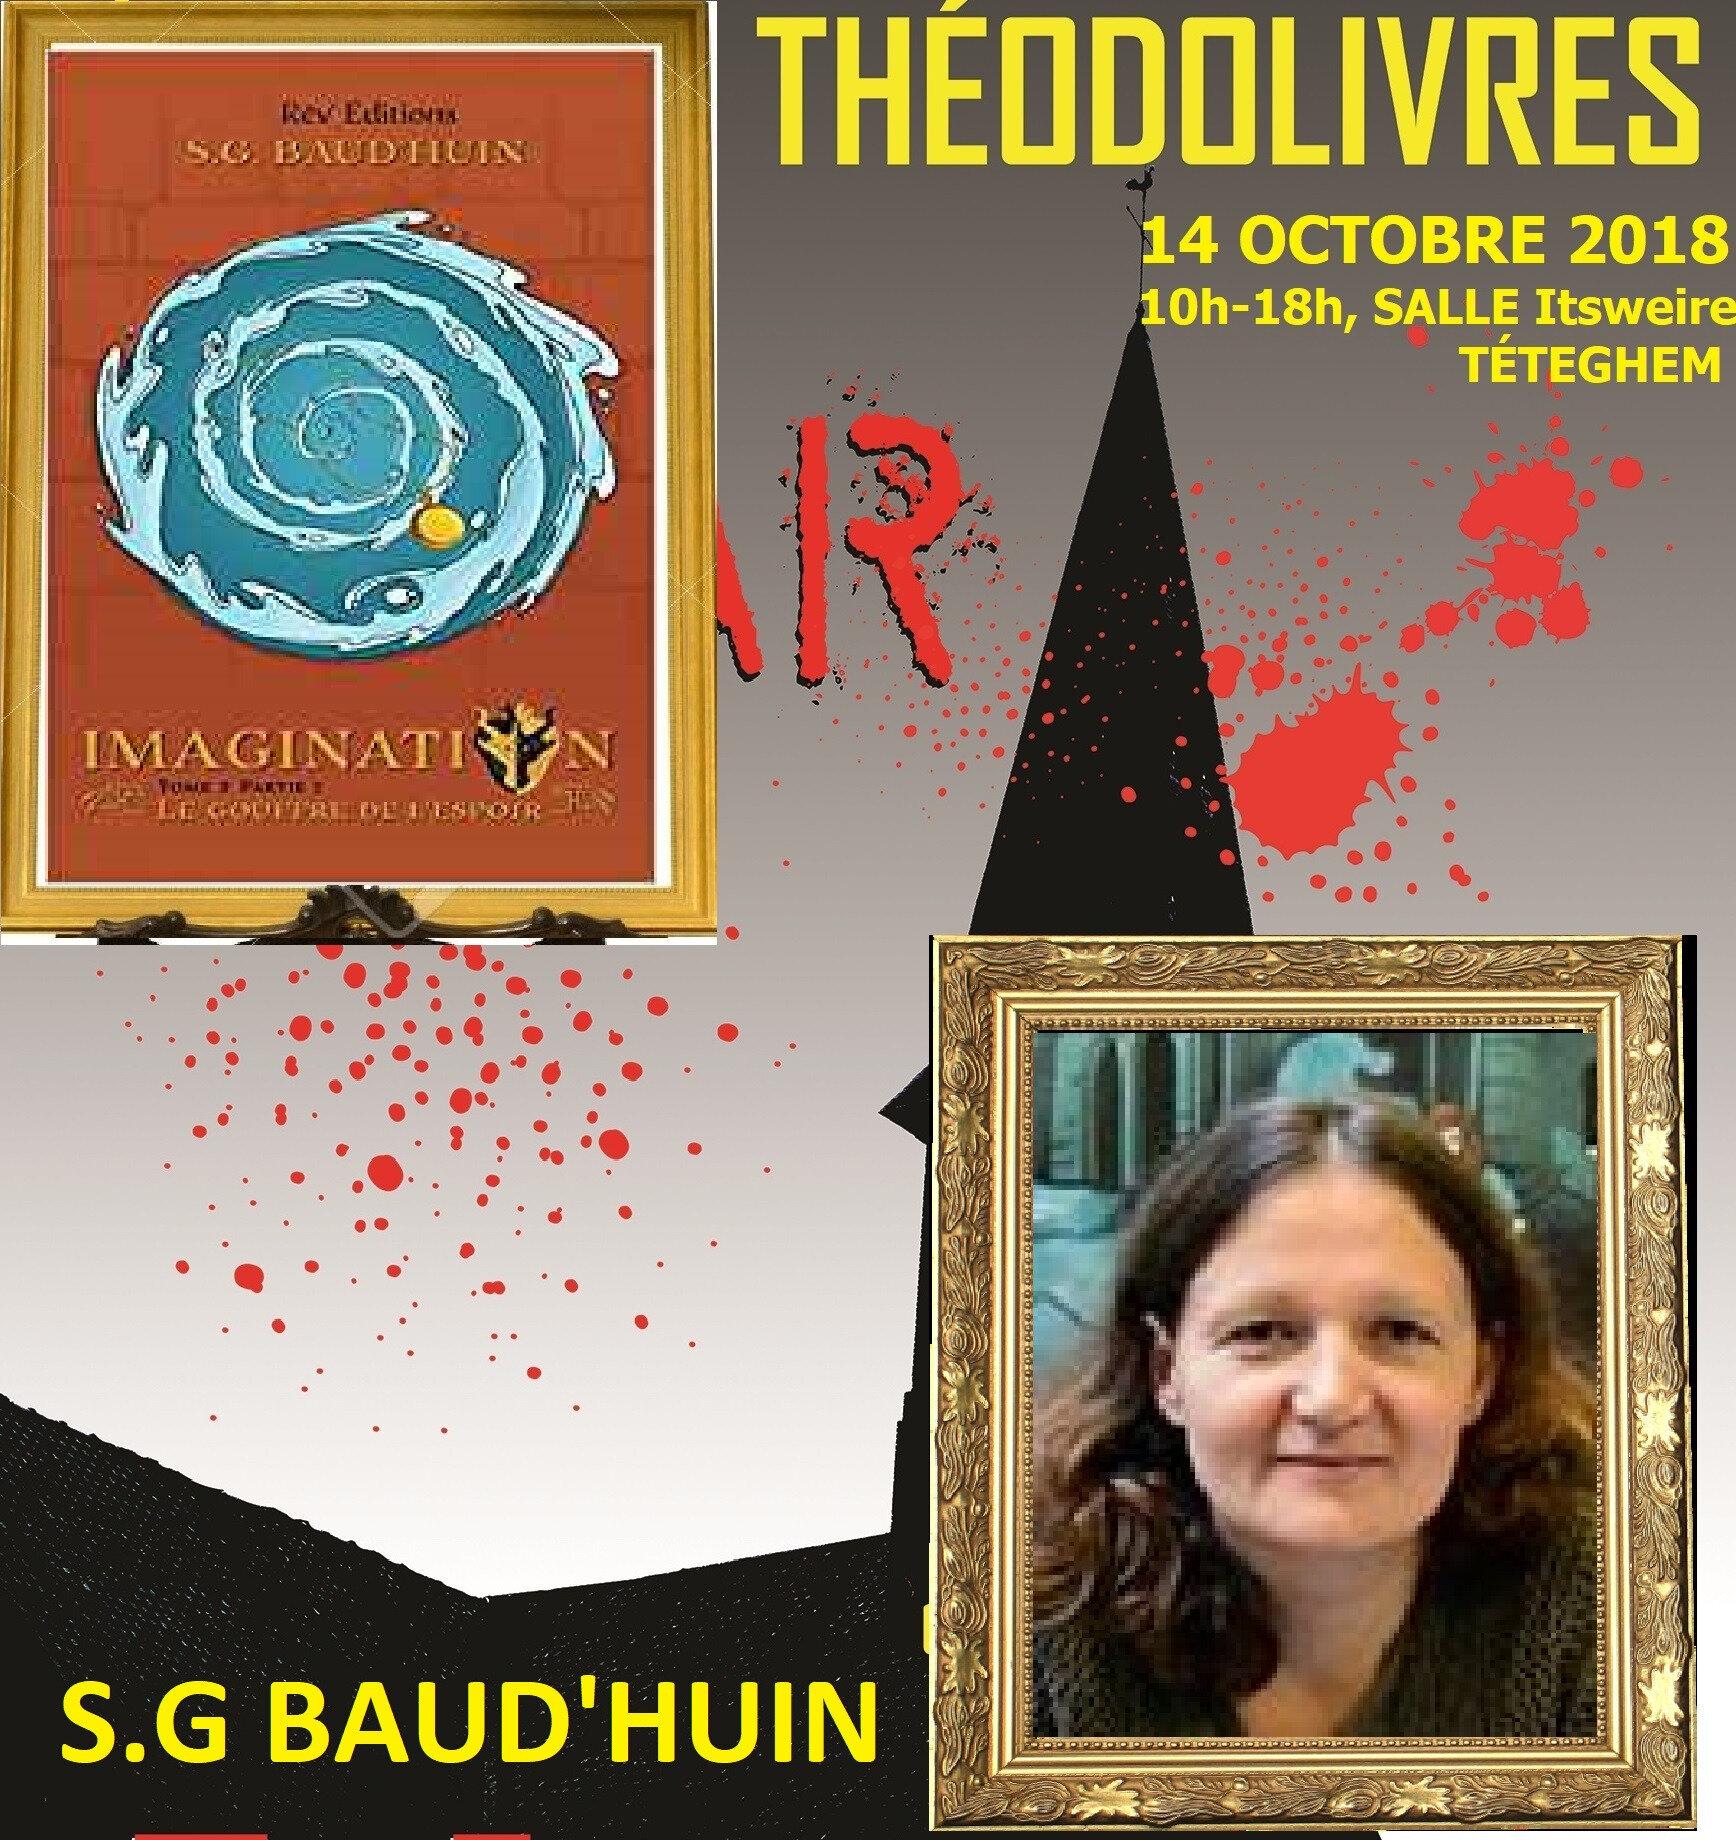 S.G BAUD'HUIN